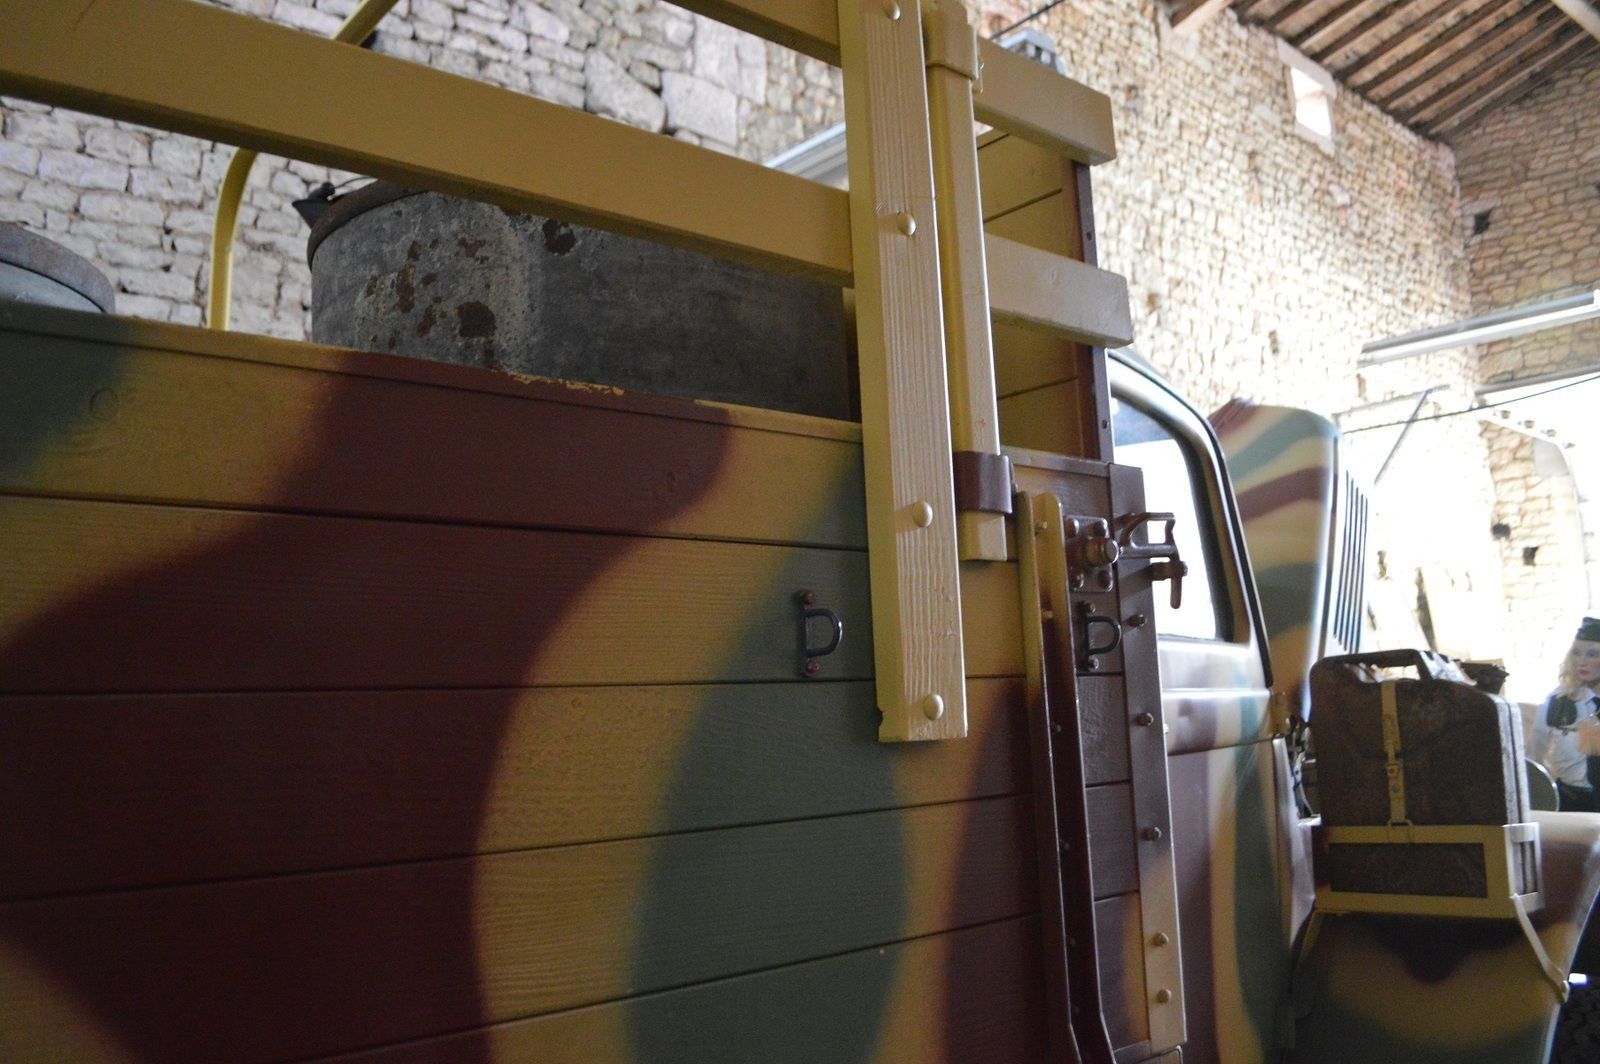 crédit photos Alain Chaussade  : ridelles et rehausses arceaux de caisse